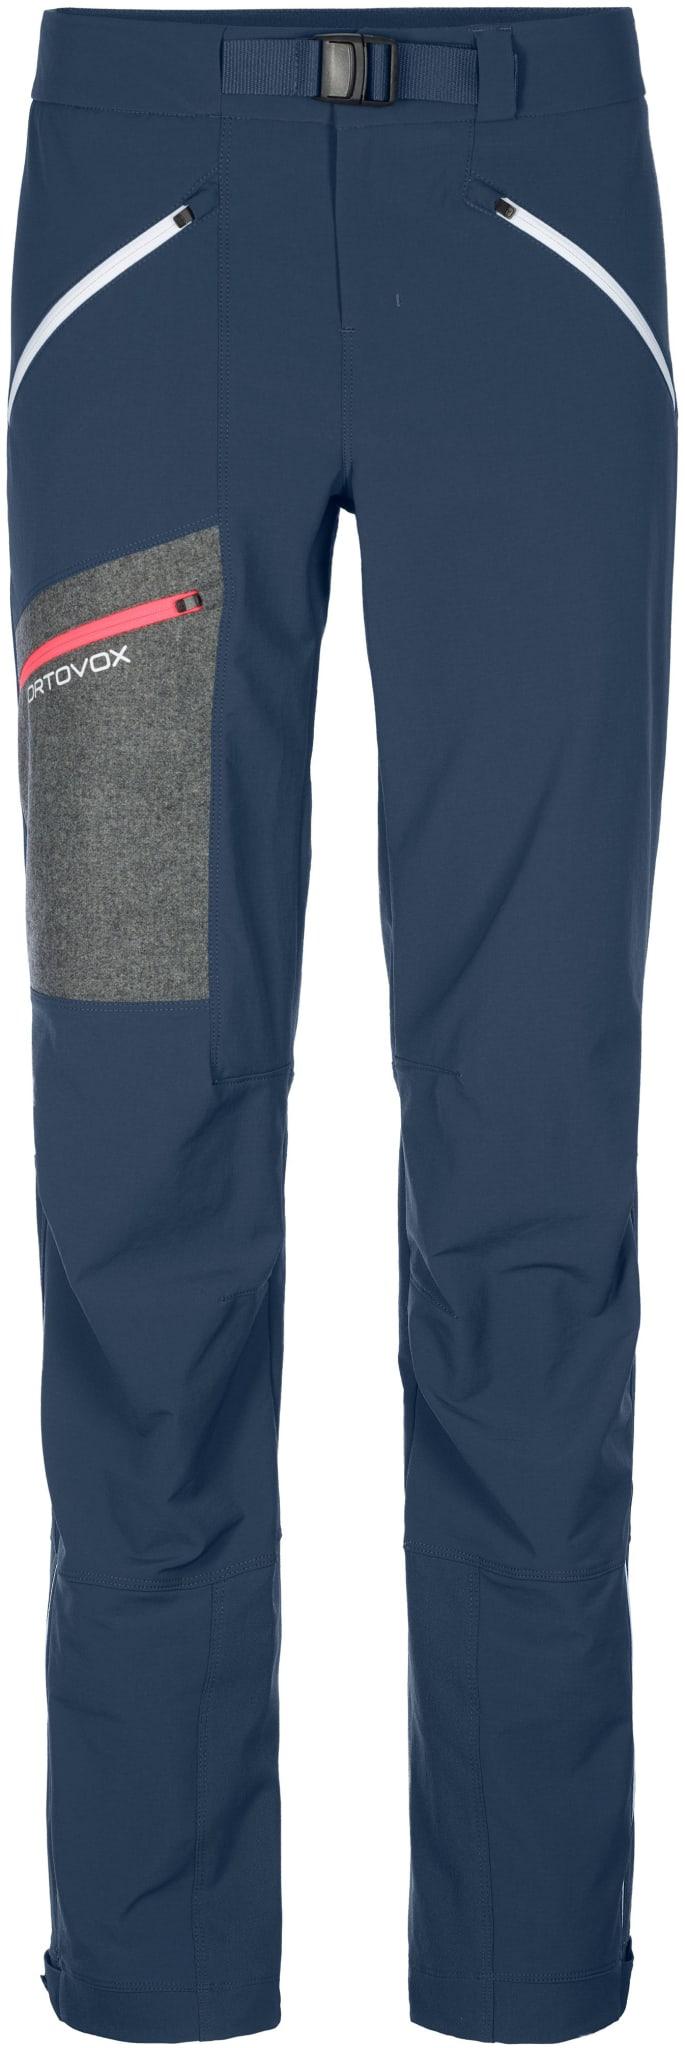 Cevedale Pants W